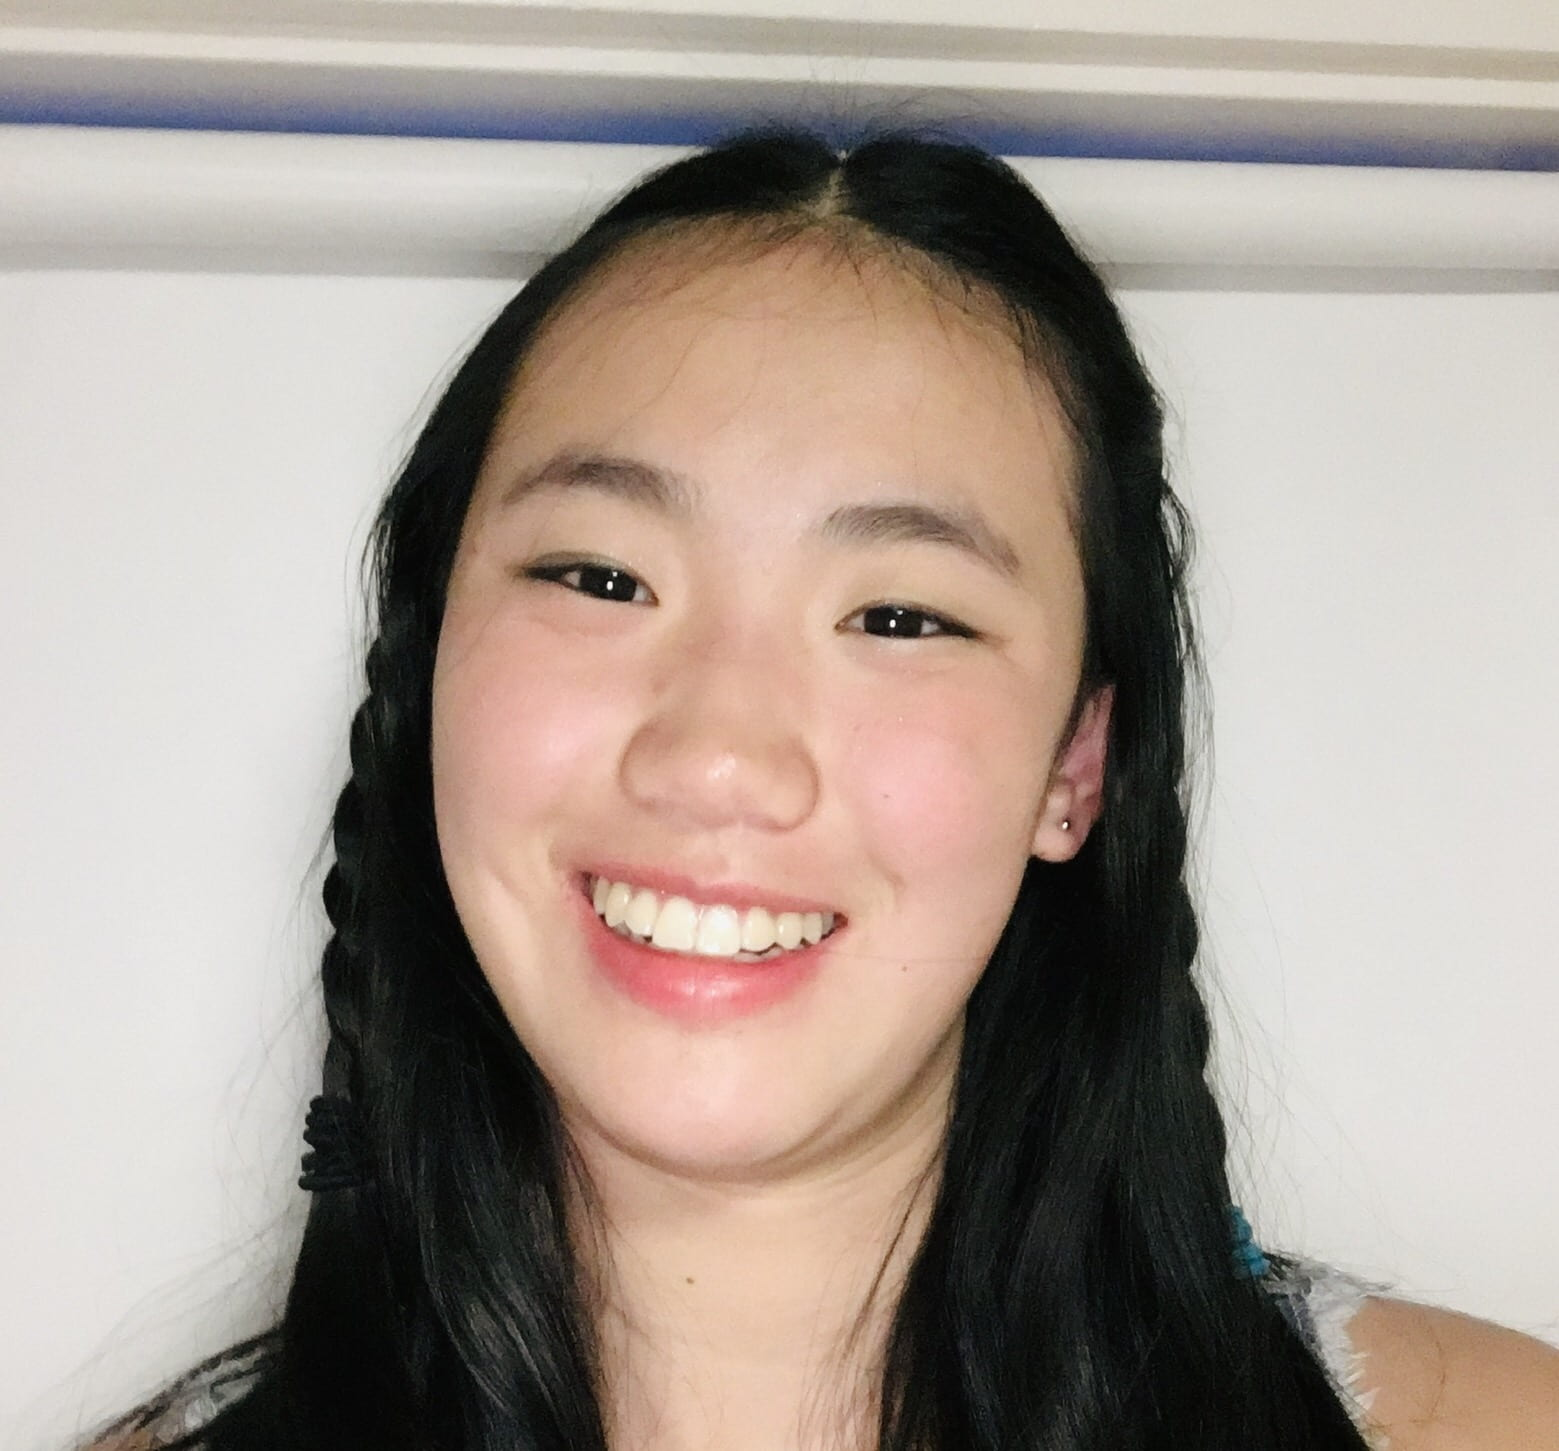 Yifei Wu